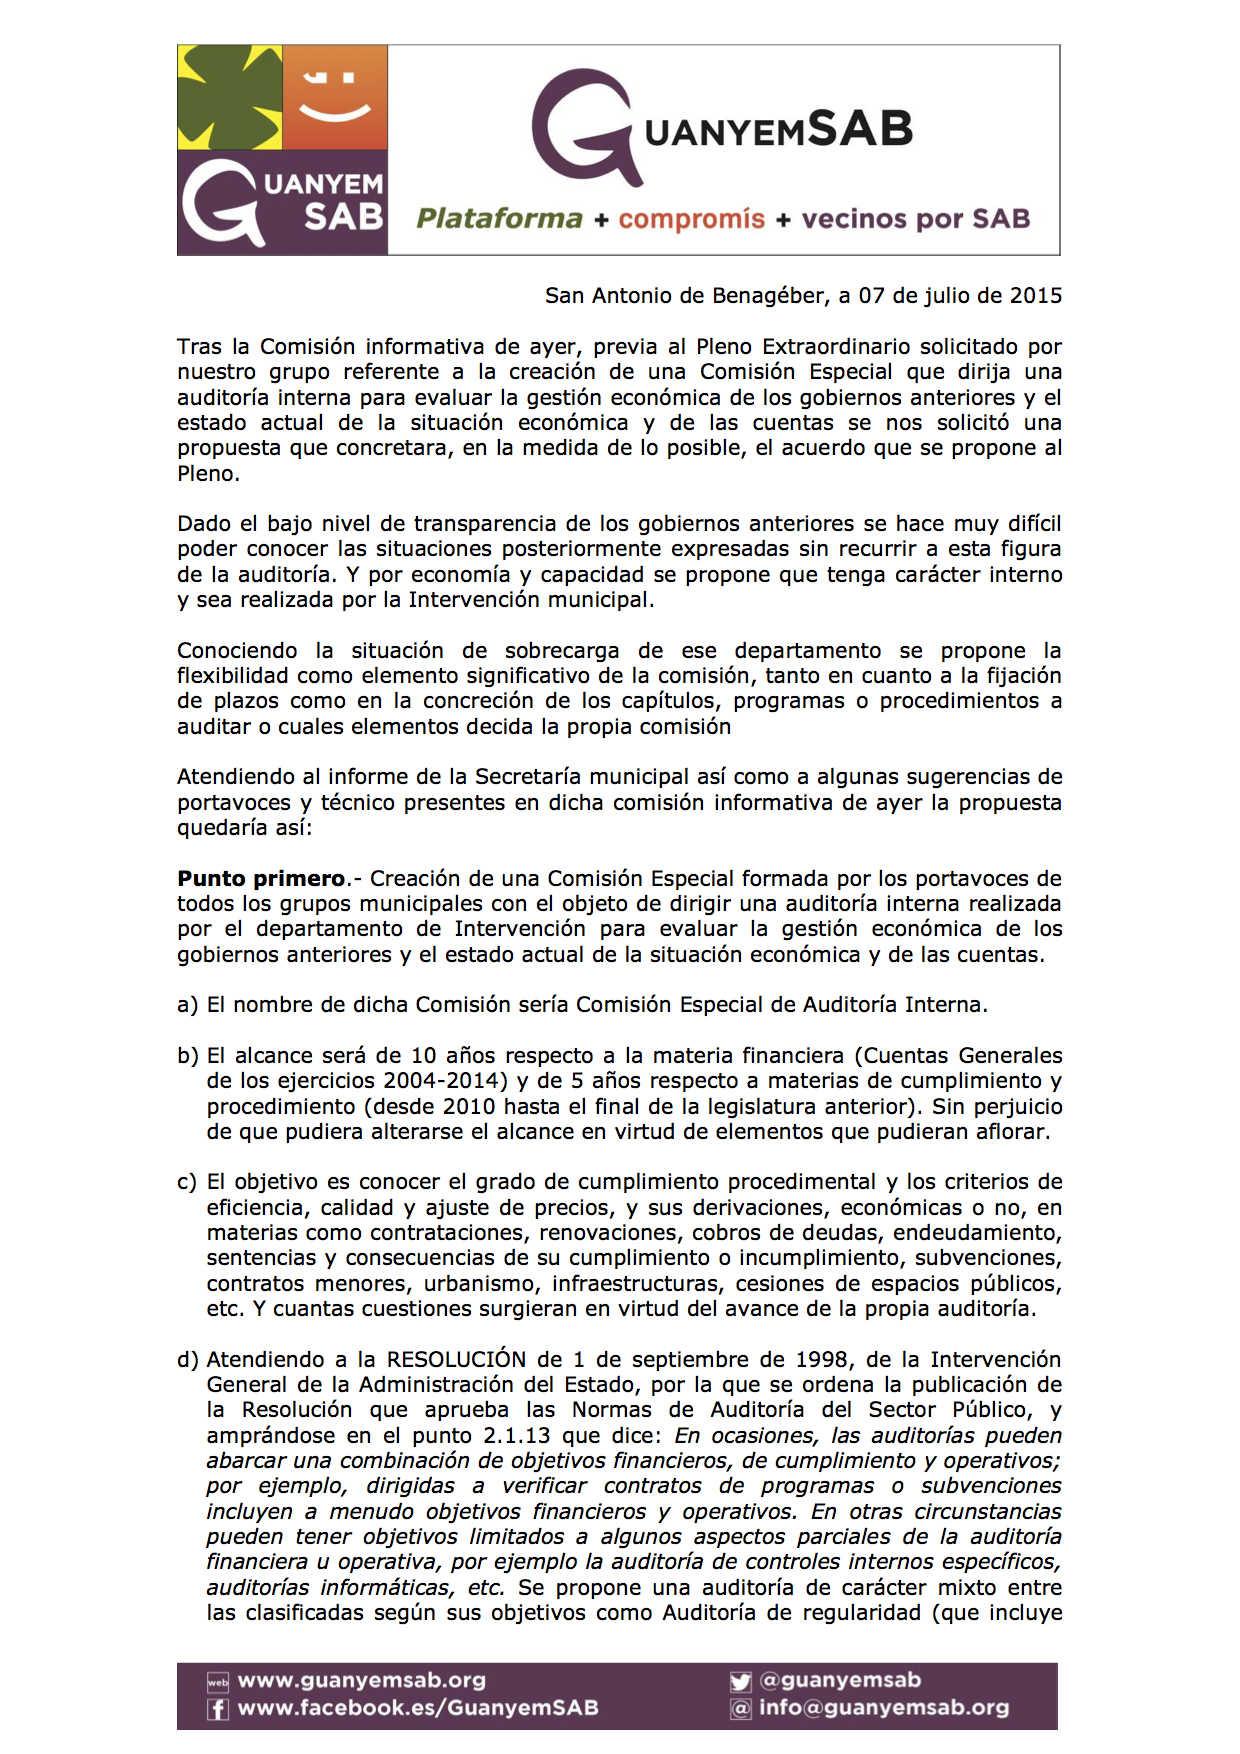 Propuesta de acuerdo Pleno extr. Auditoria 24 junio 2015